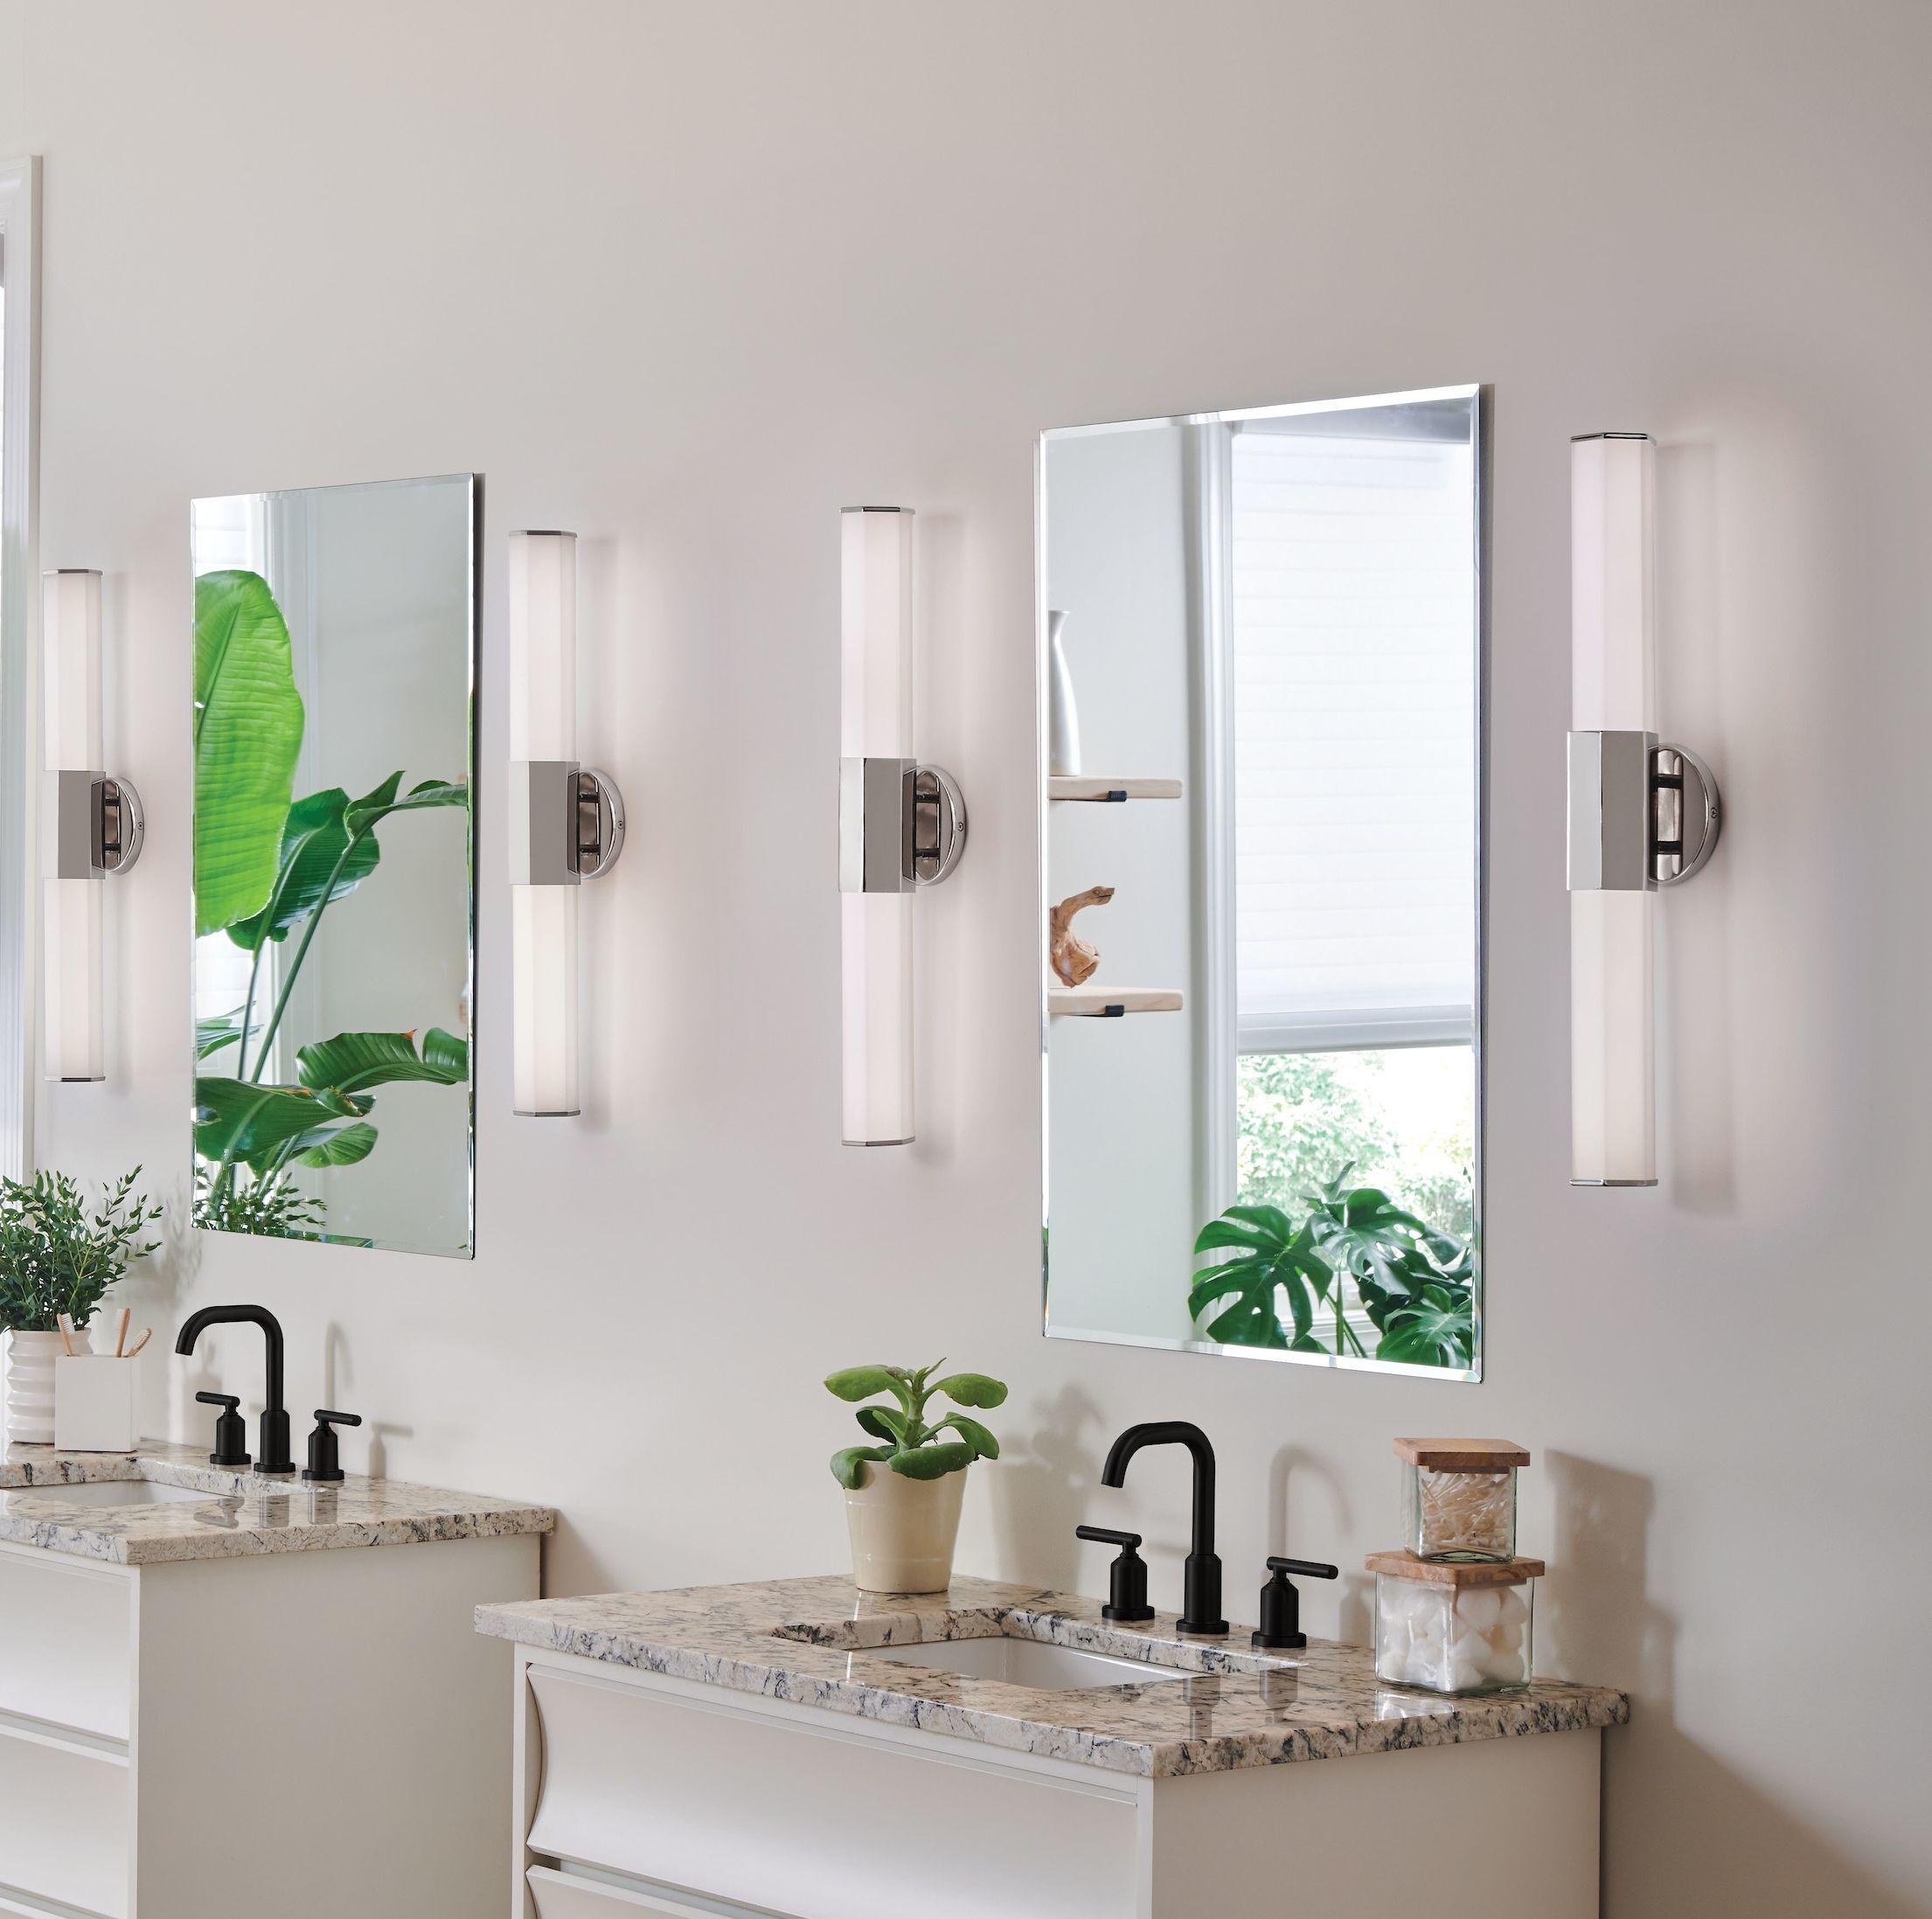 Hinkley Facet Led 26 Bathroom Lighting Design Bathroom Lighting Bathroom Vanity Lighting